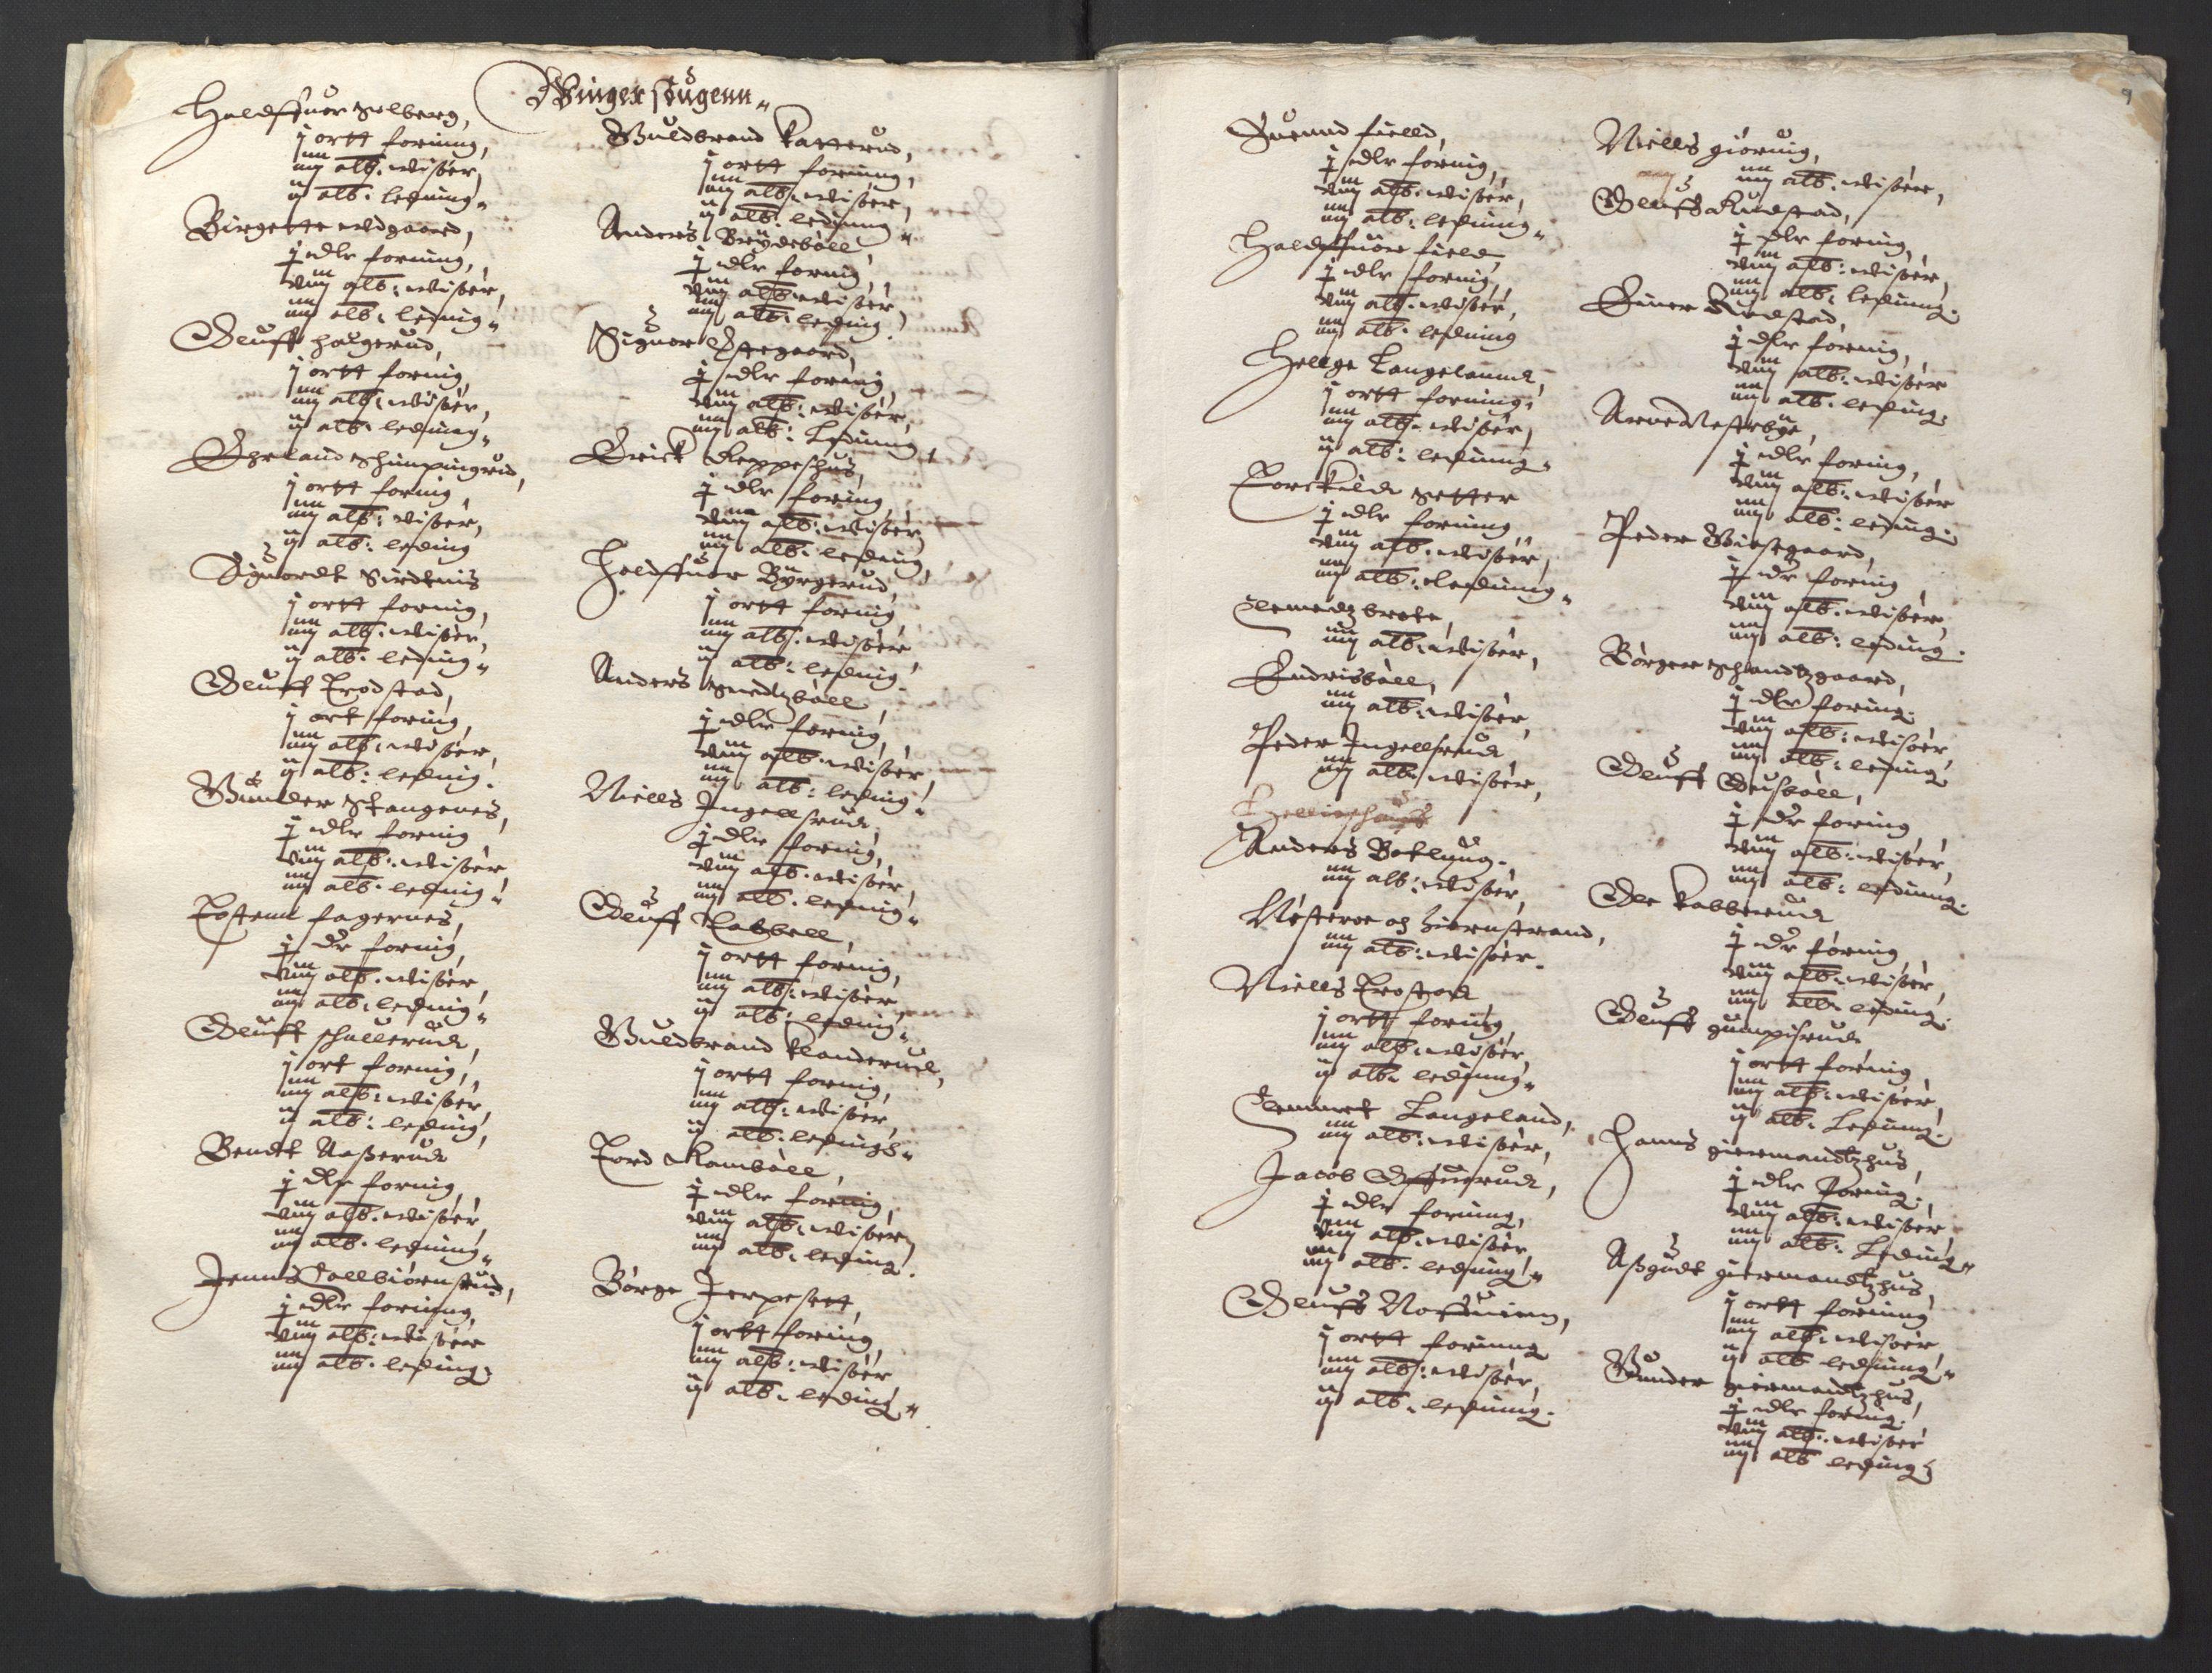 RA, Stattholderembetet 1572-1771, Ek/L0001: Jordebøker før 1624 og til utligning av garnisonsskatt 1624-1626:, 1624-1625, s. 106